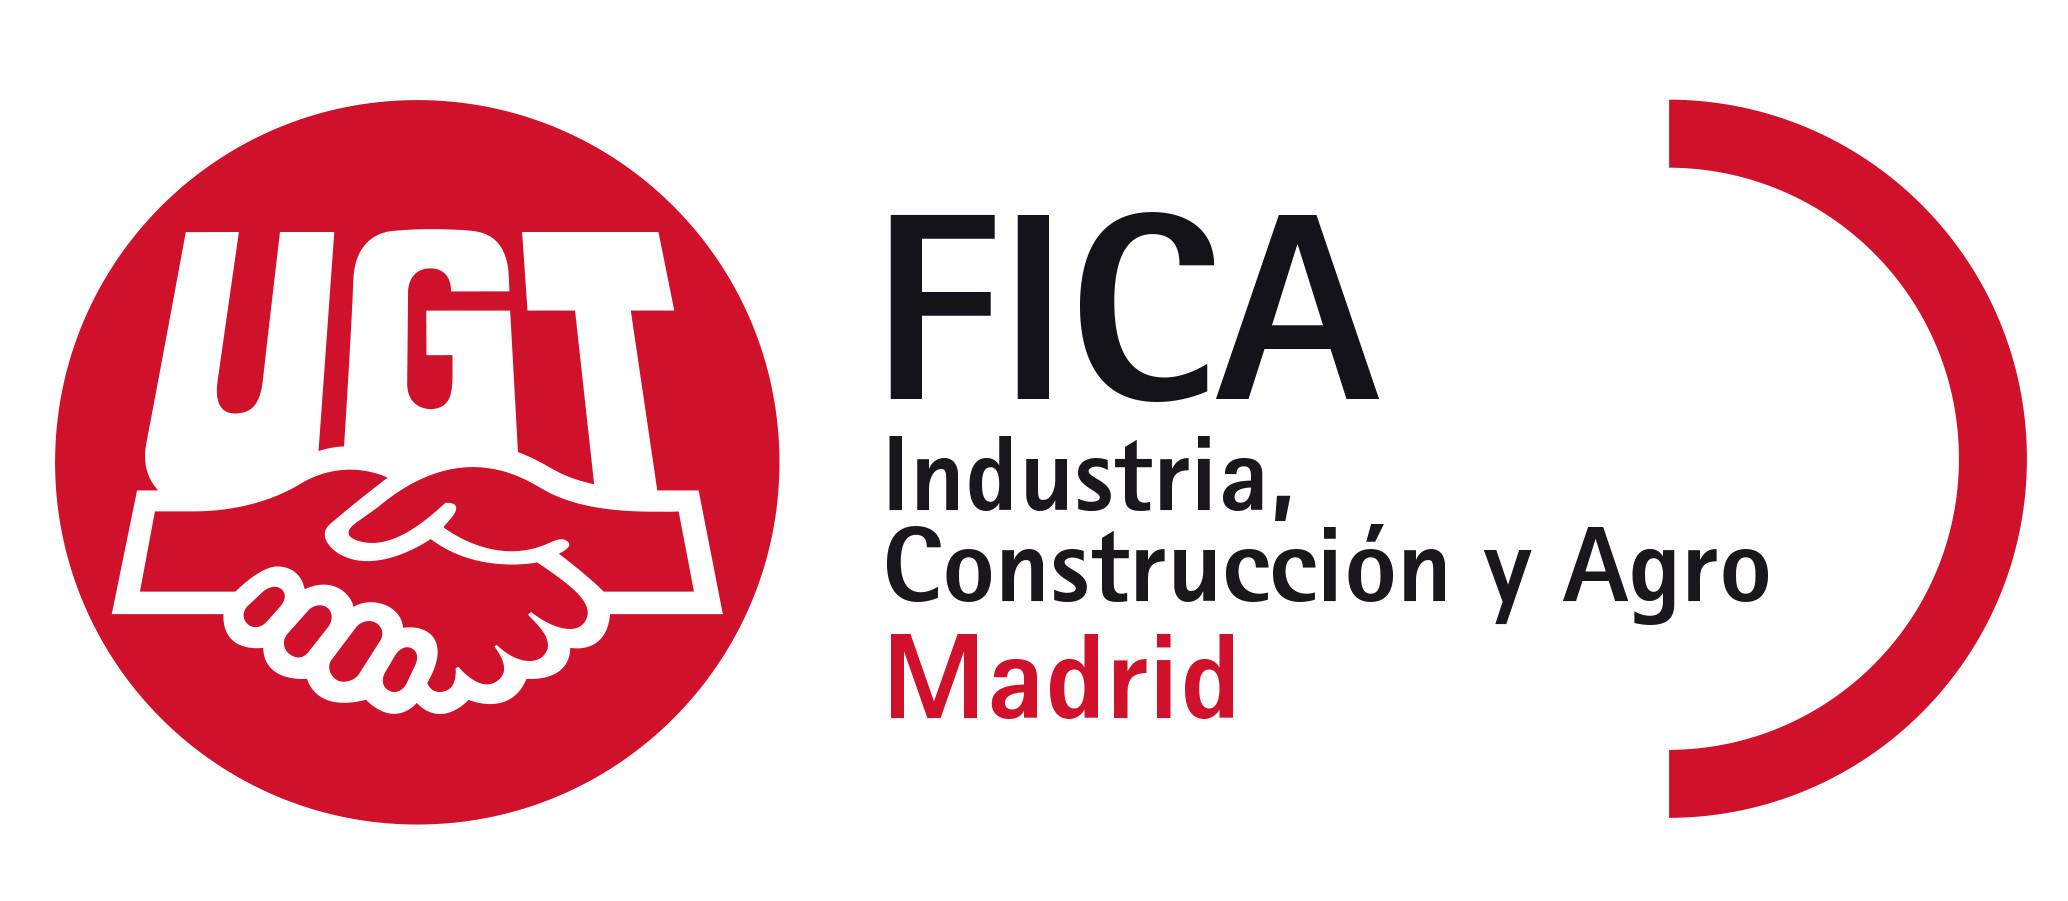 Calendario Laboral Madrid 2020 Ugt.Servicios